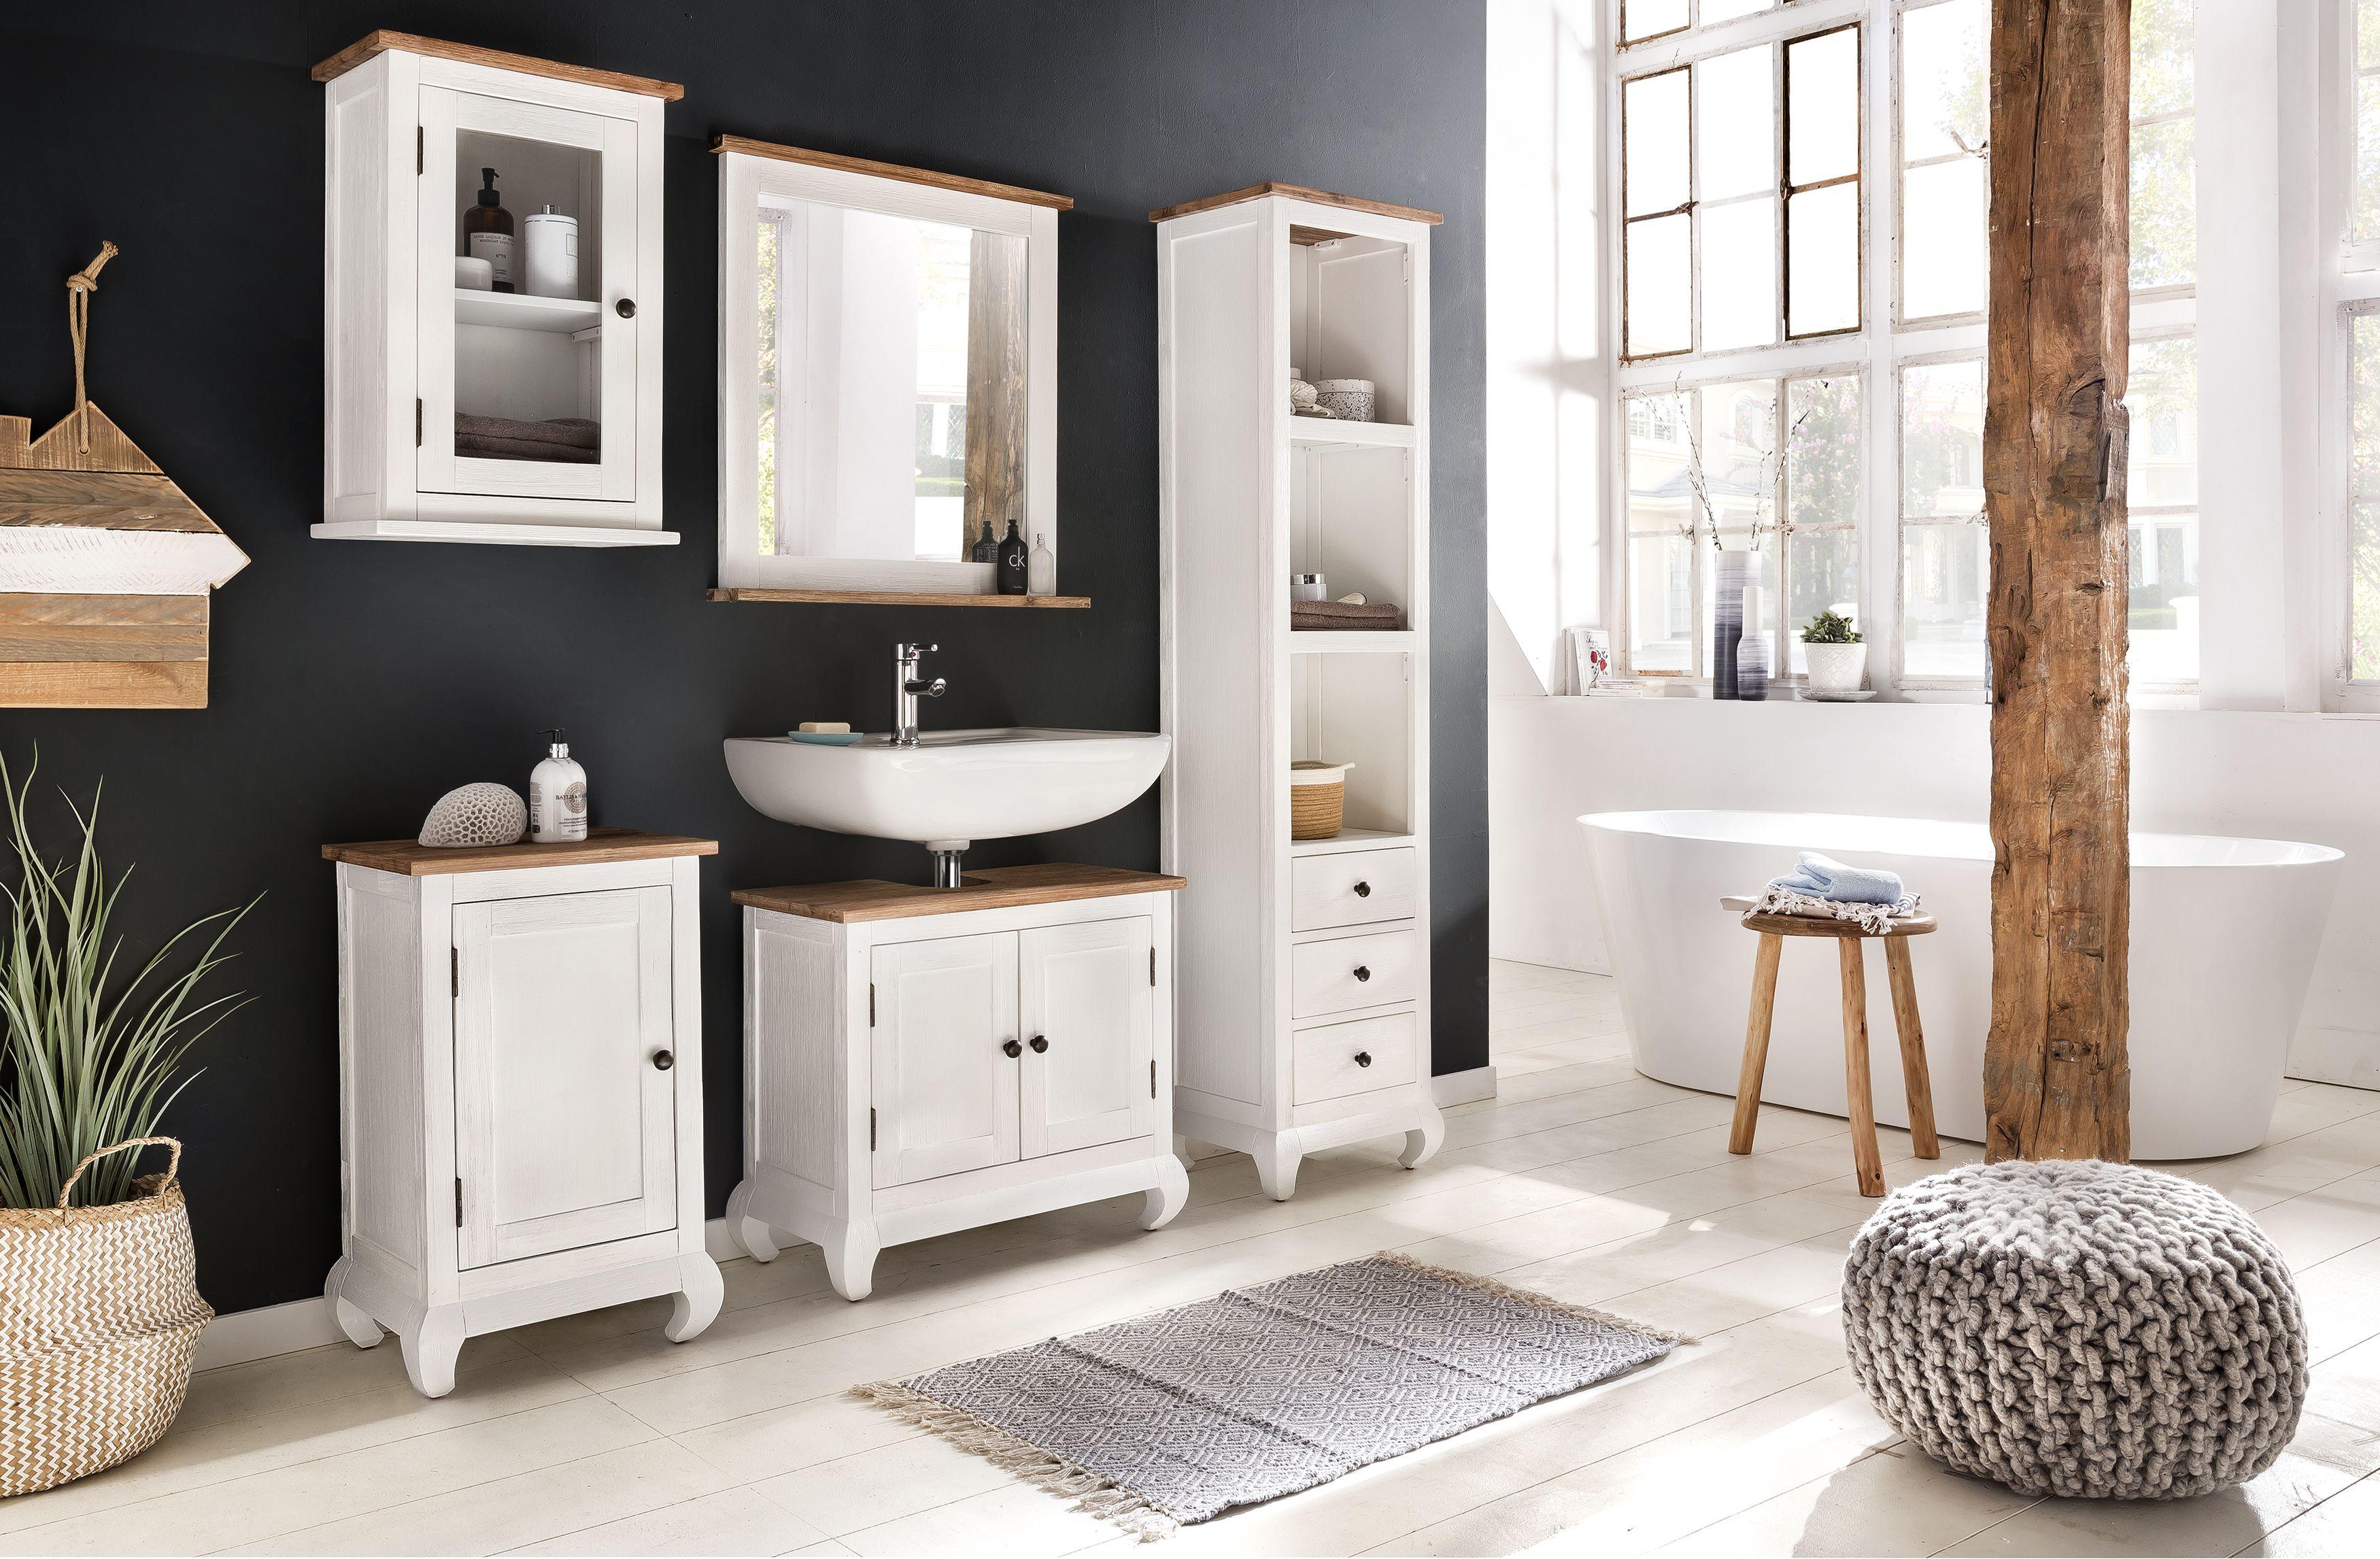 Das Badezimmer Set Kimbell verbreitet Landhaus Charme in ...